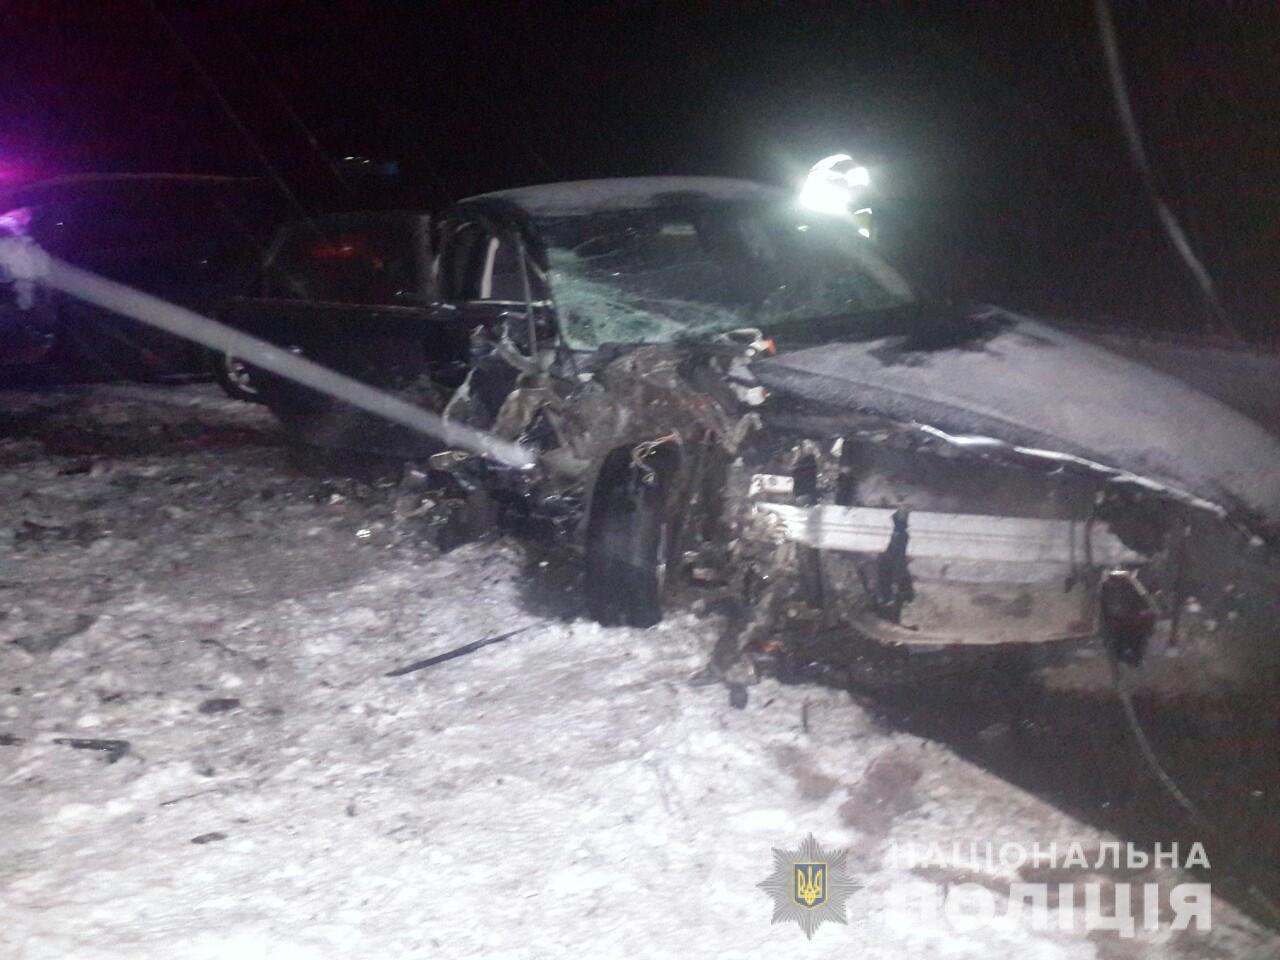 На трассе в Запорожской области произошло смертельное ДТП: женщина погибла, а маленькие дети попали в больницу